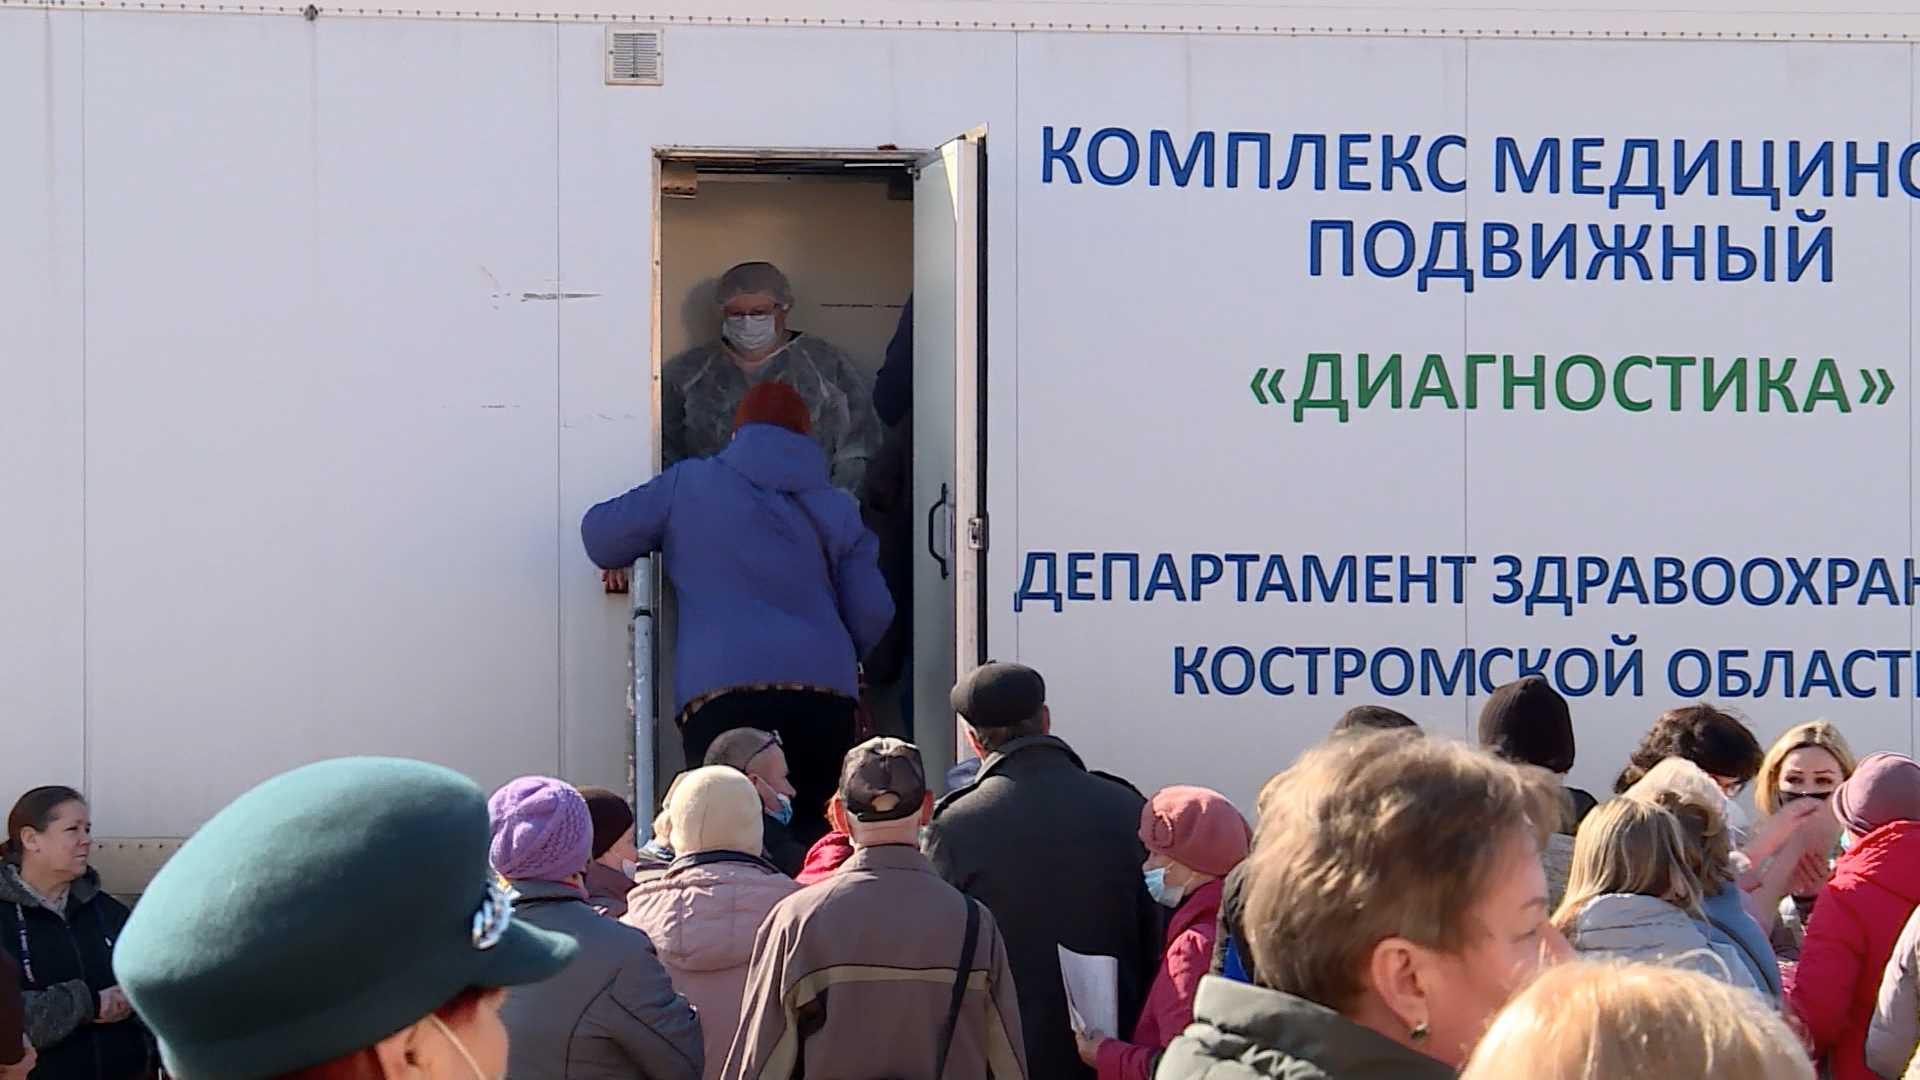 Вакцинация от коронавируса пройдет в субботу в Костроме и Поназыреве